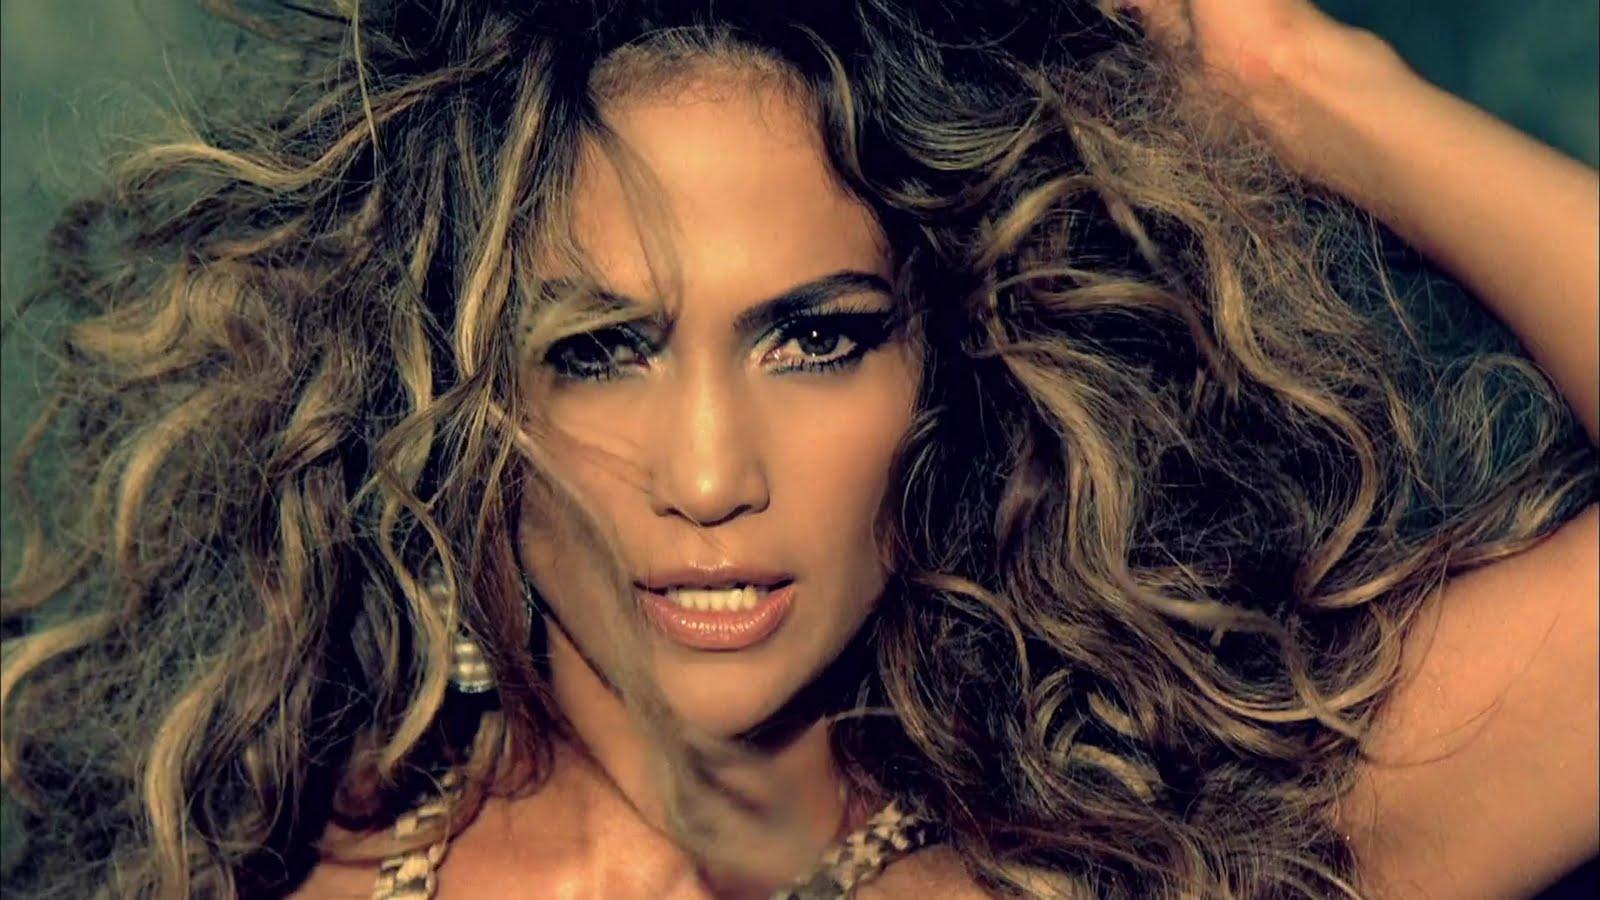 Jennifer Lopez: Free Download I'm Into You Ft. Lil Wayne By Jennifer Lopez